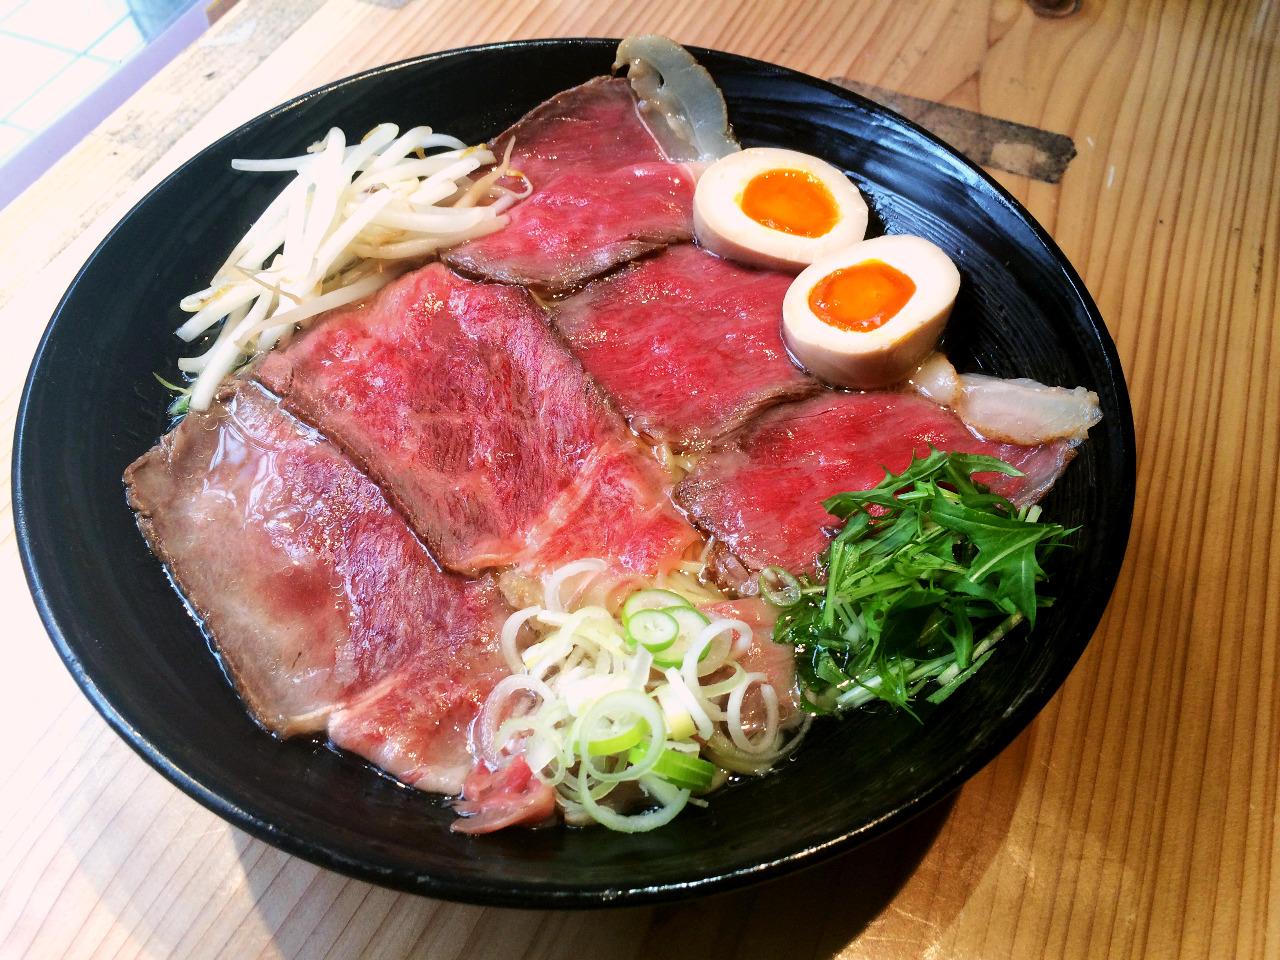 ラーメン激戦区! 高田馬場で、極上のラーメンを食べましょうのサムネイル画像